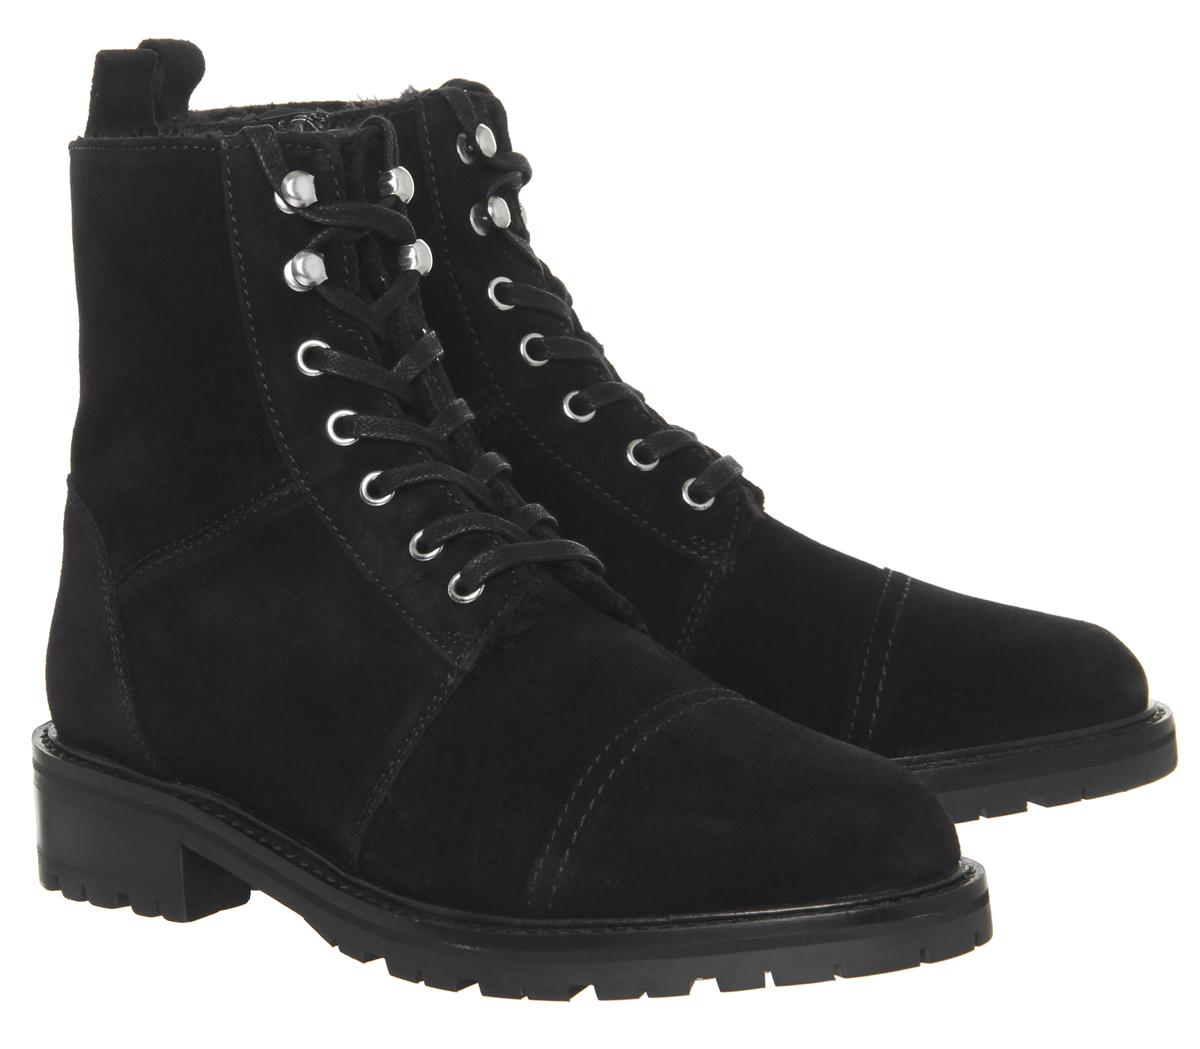 63533c63a71 CENTINELA Piel de armadura 2 mujeres oficina forrado encaje interior botas  de piel de ante negro de